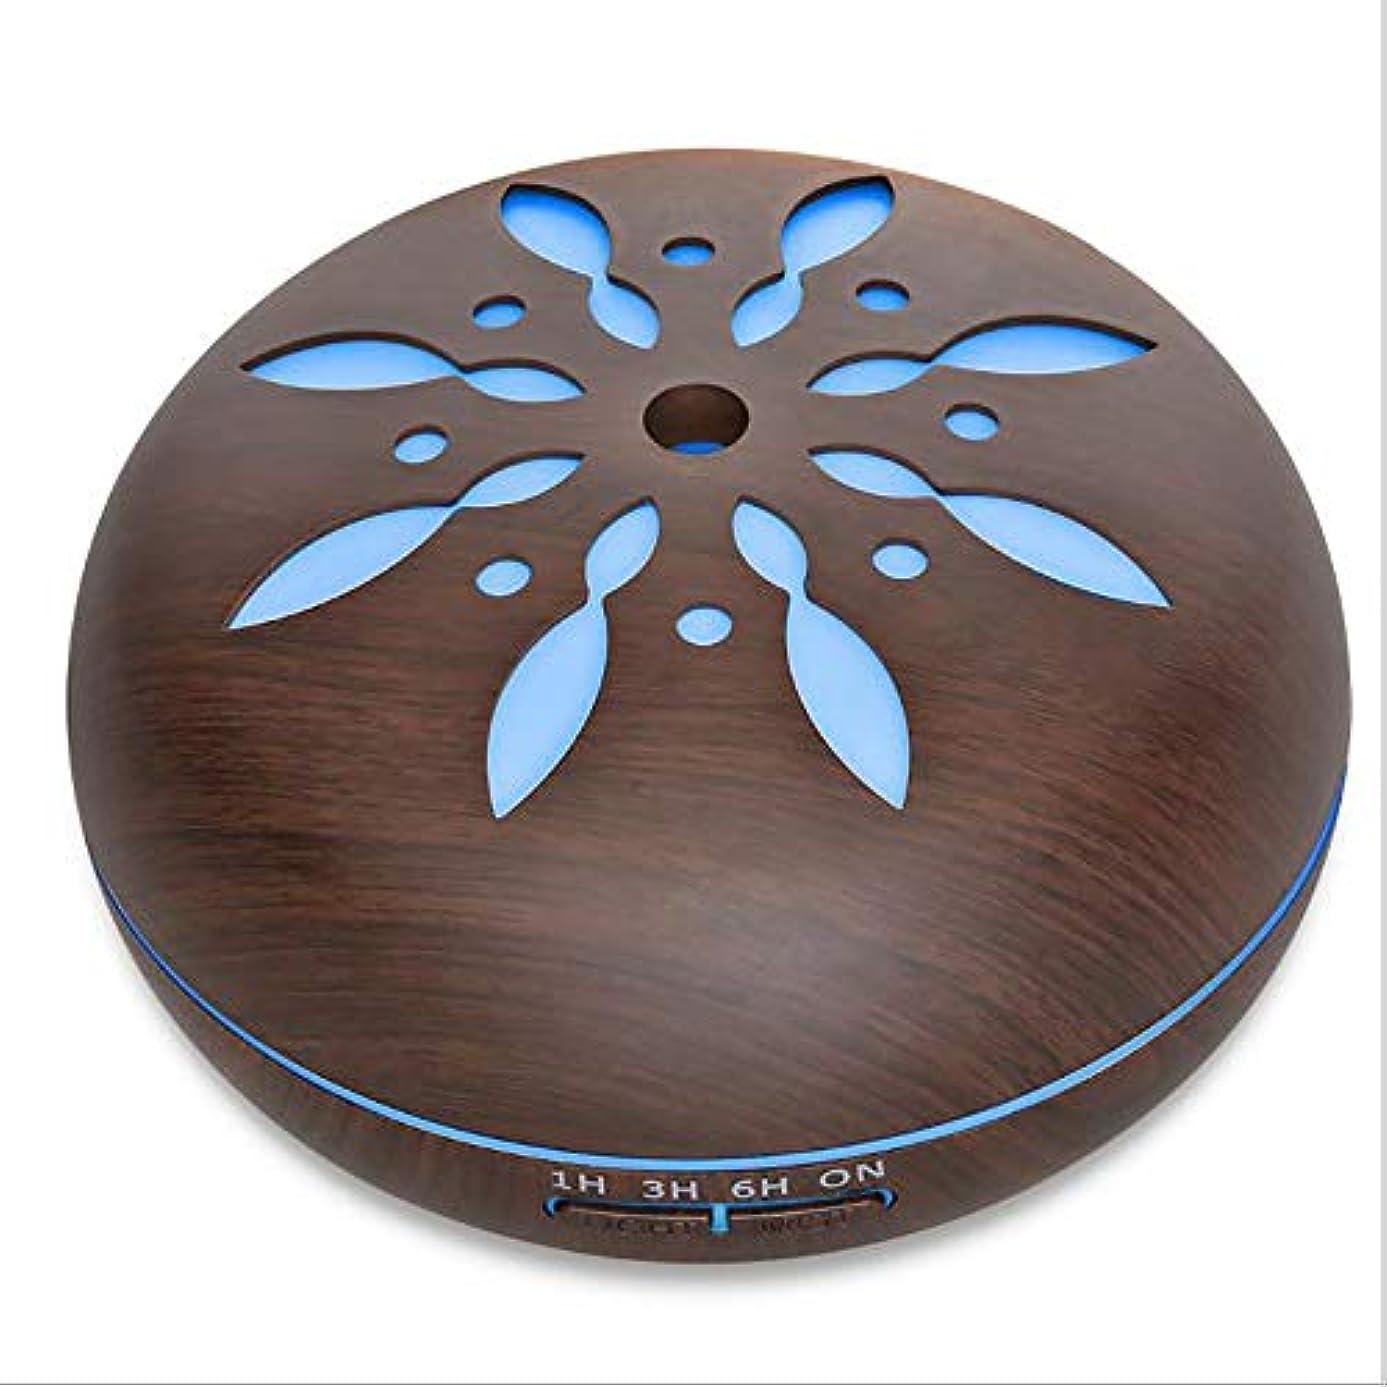 ささやき取得するローンミスト 超音波 香り ネブライザー、 電気の 香り 木製 ホーム 空気 加湿器、 550ml リモコン 木地 アロマテラピー エッセンシャルオイル 香り ディフューザー,Petals1dark